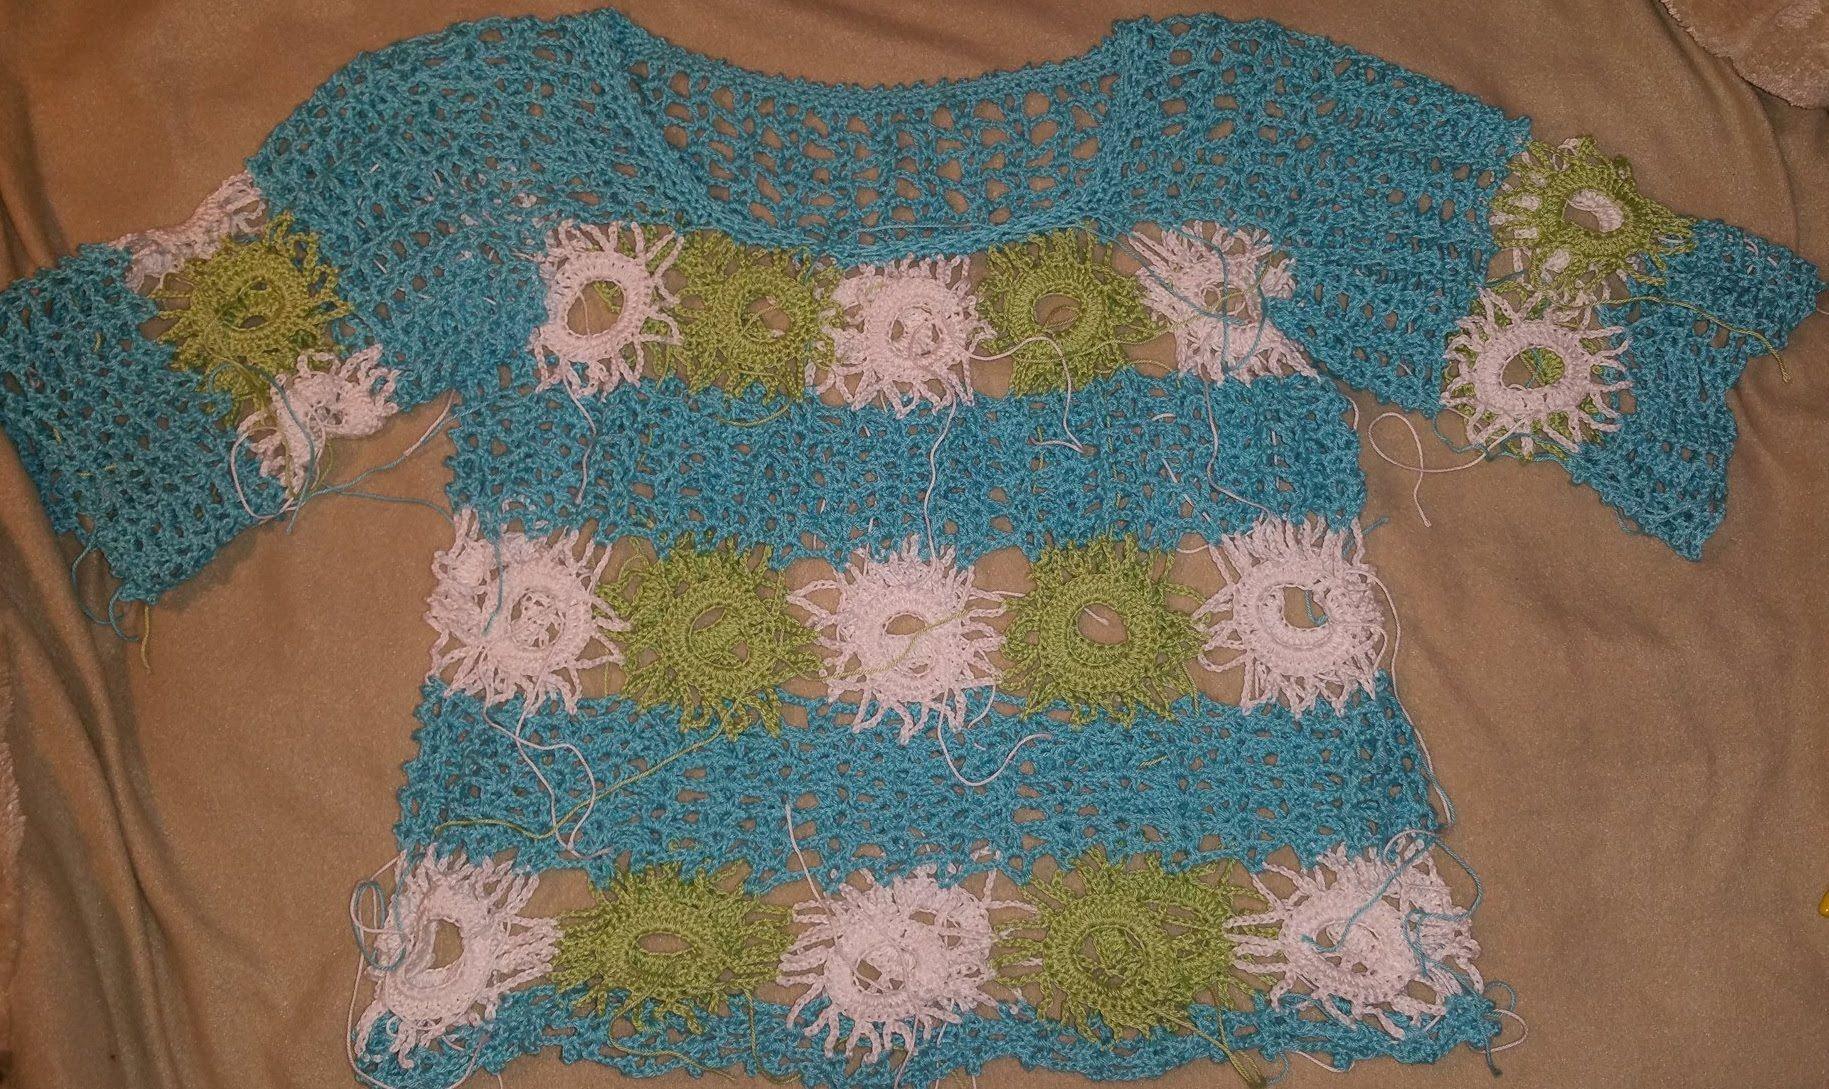 Sommershirt Claudia Filli Crochet Granny Häkeln Mit Yve Videa